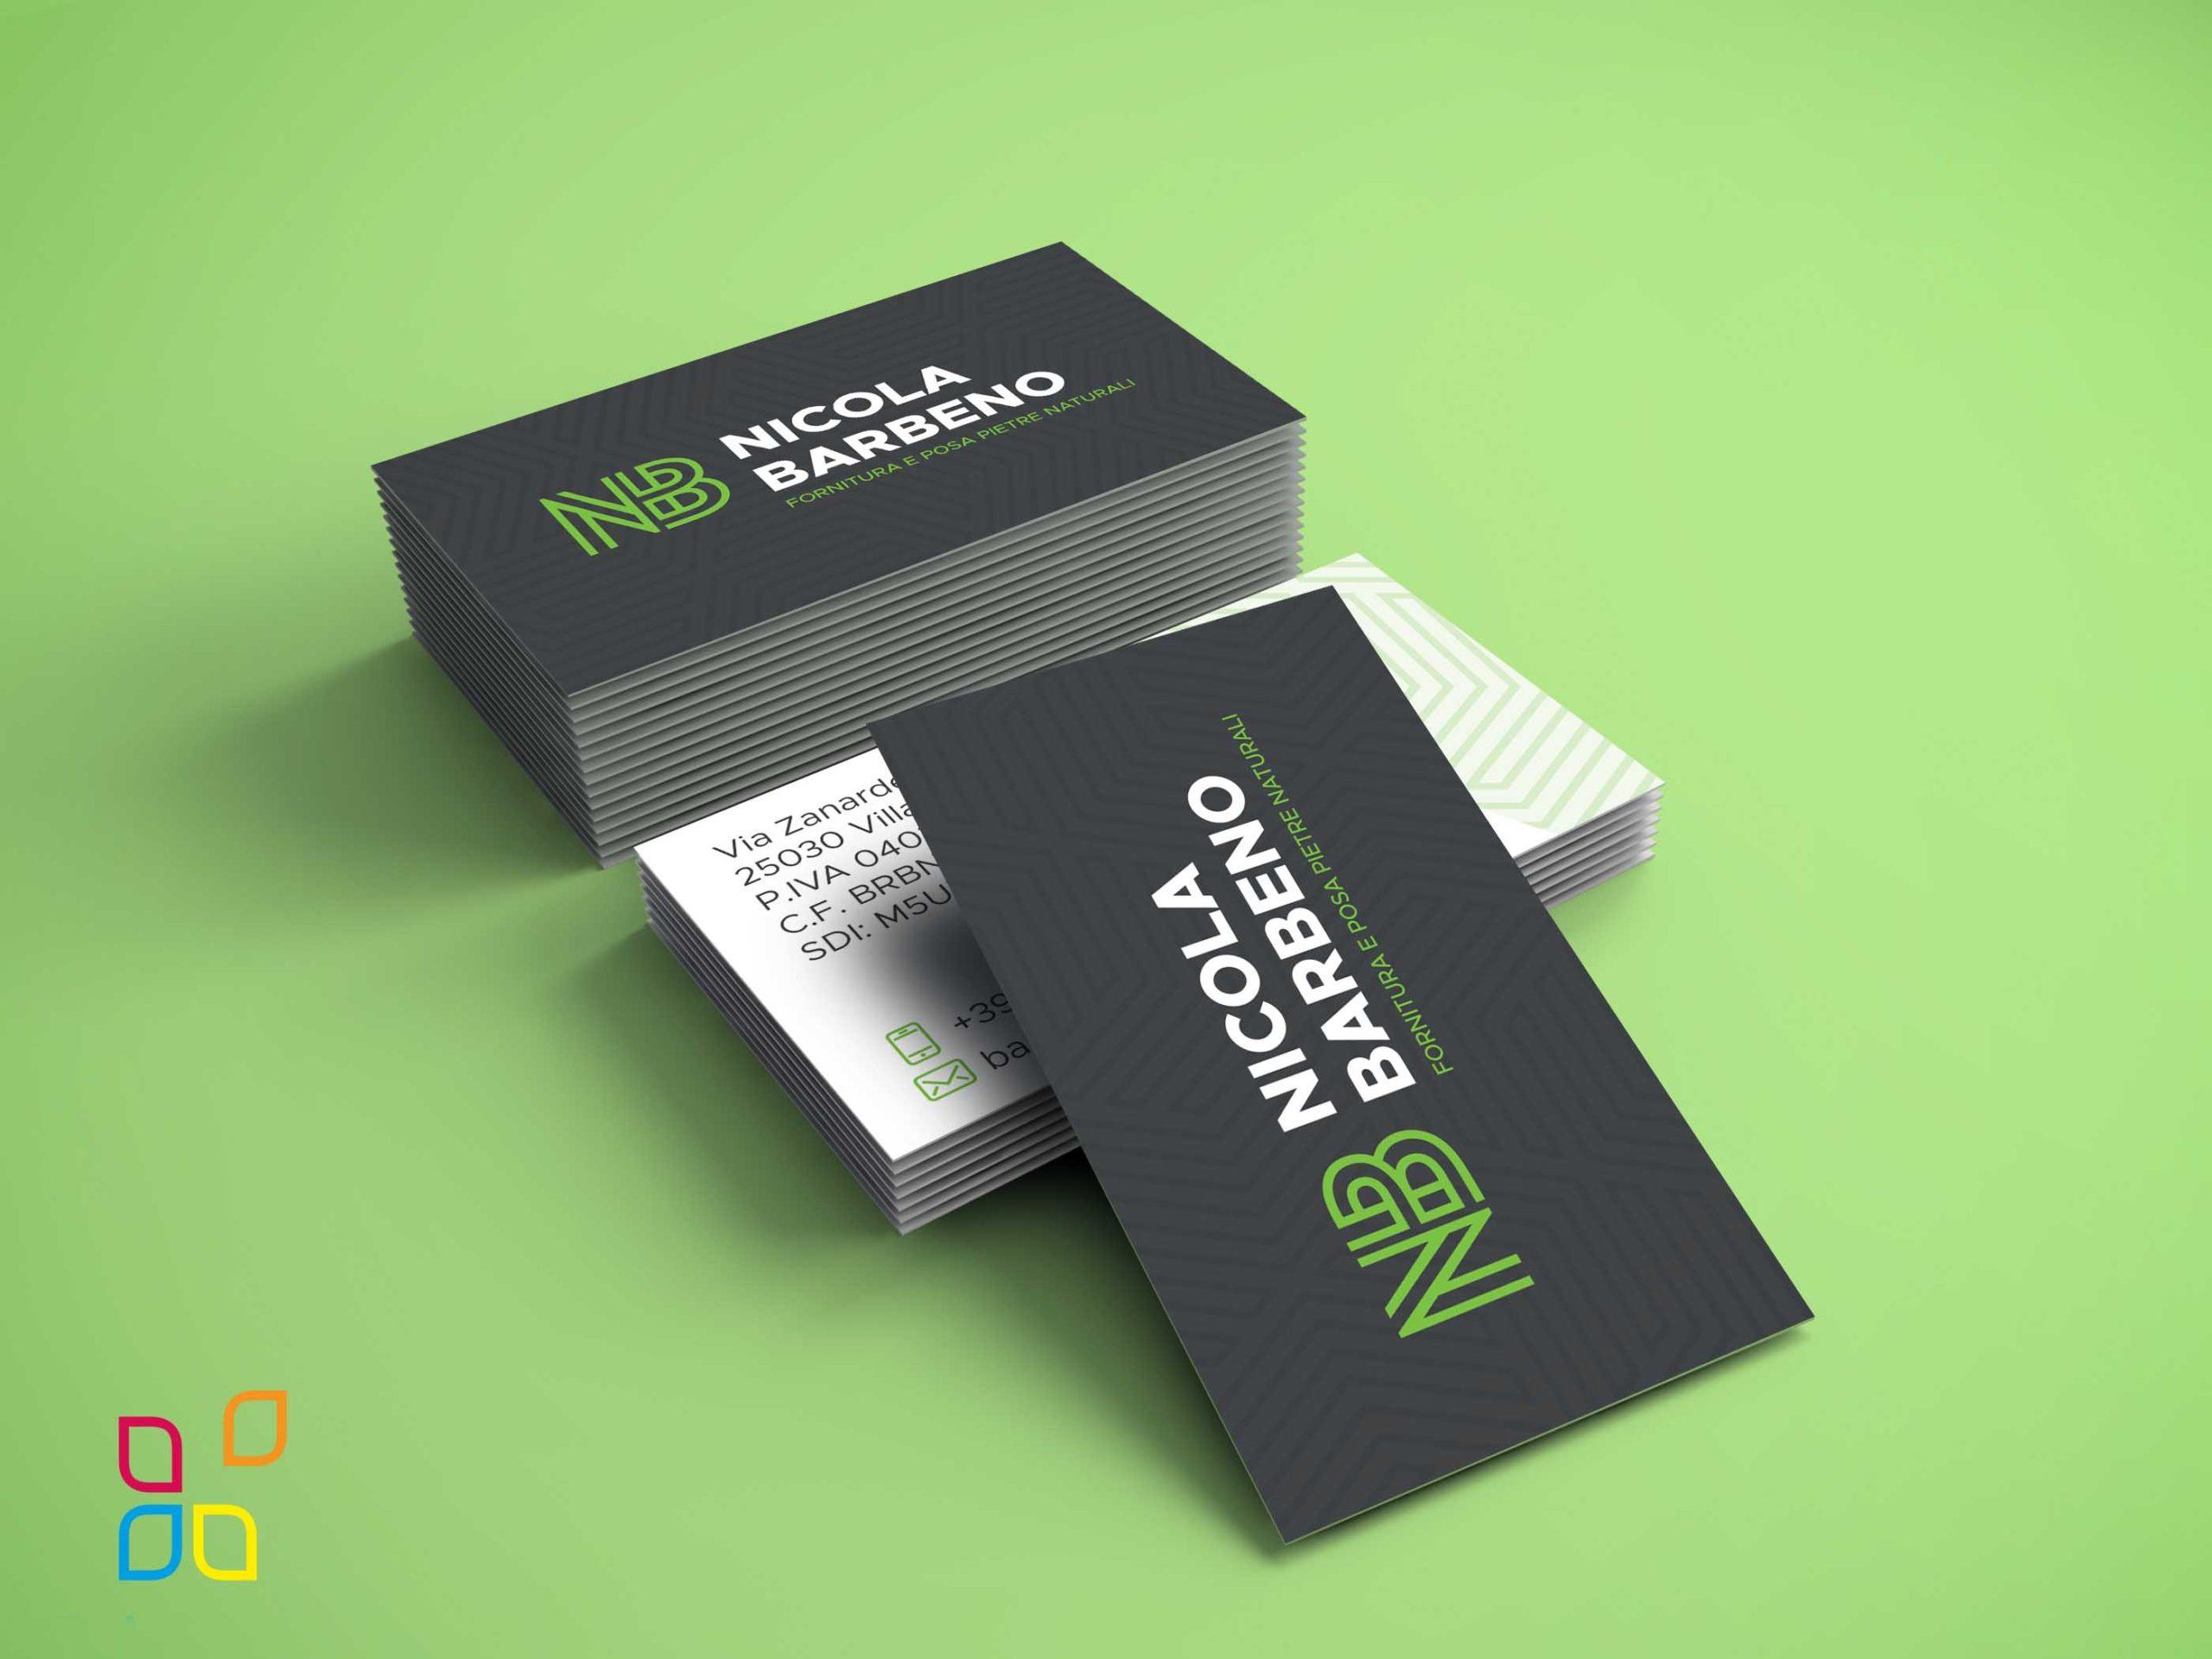 Biglietti da visita creati per Nicola Barbeno a Brescia - grafica